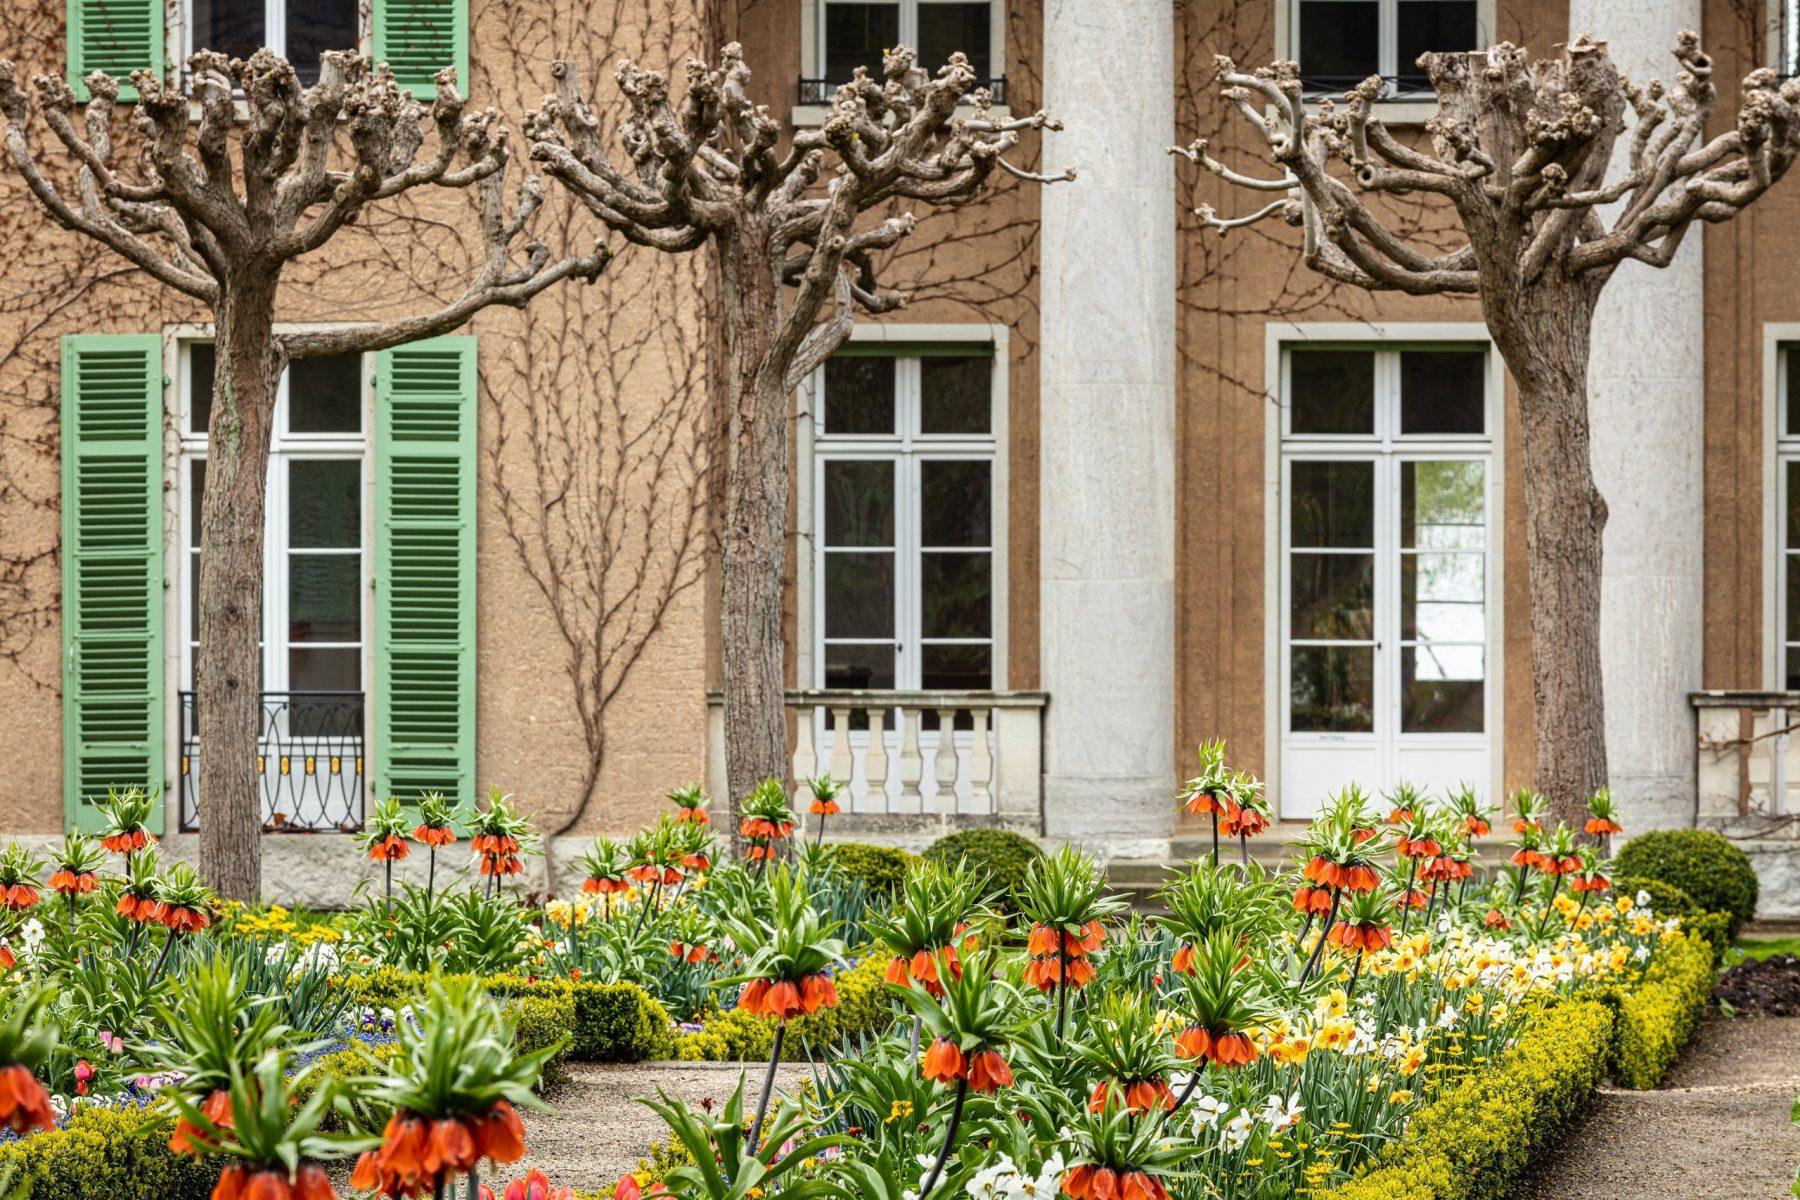 Der Blick geht auf die blühende Bepflanzung vor der Frontseite der Liebermann-Villa.